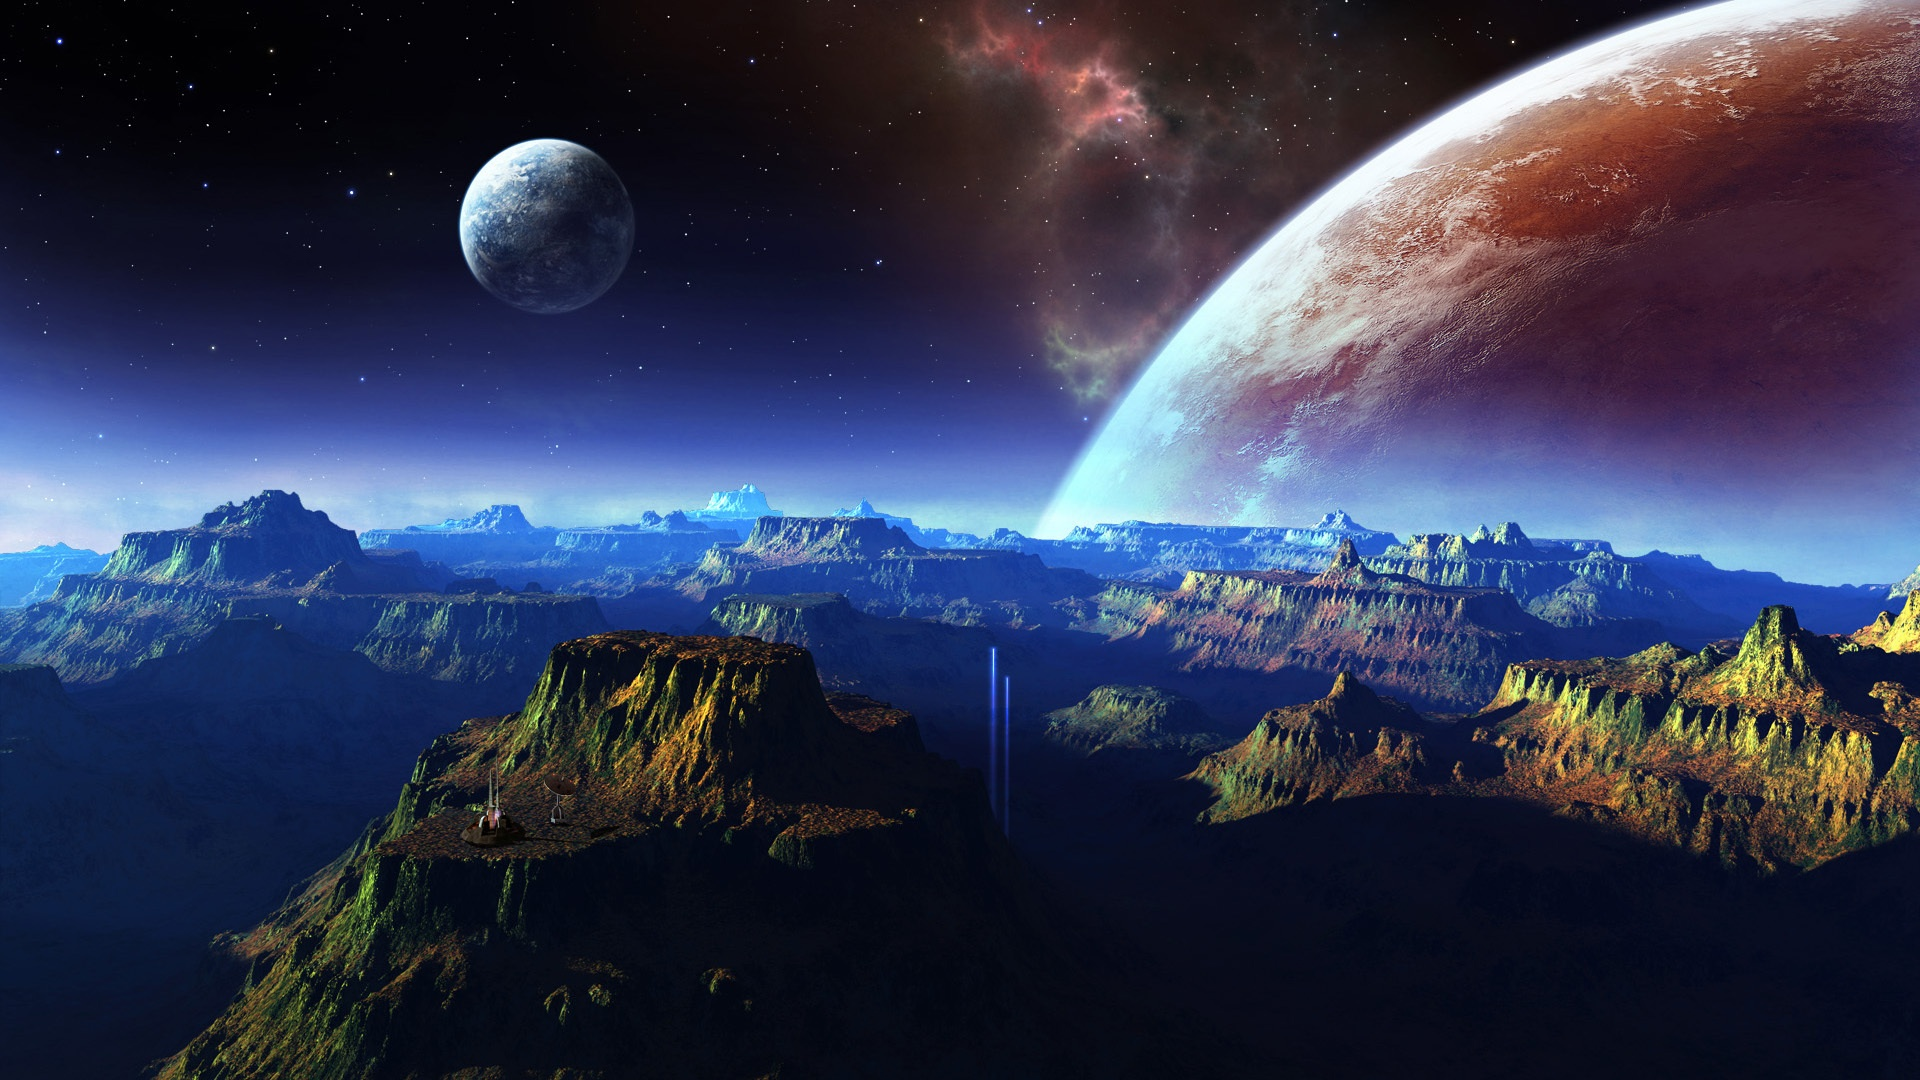 Обои Земля планета космос картинки на рабочий стол на тему Космос - скачать  № 3551618 загрузить